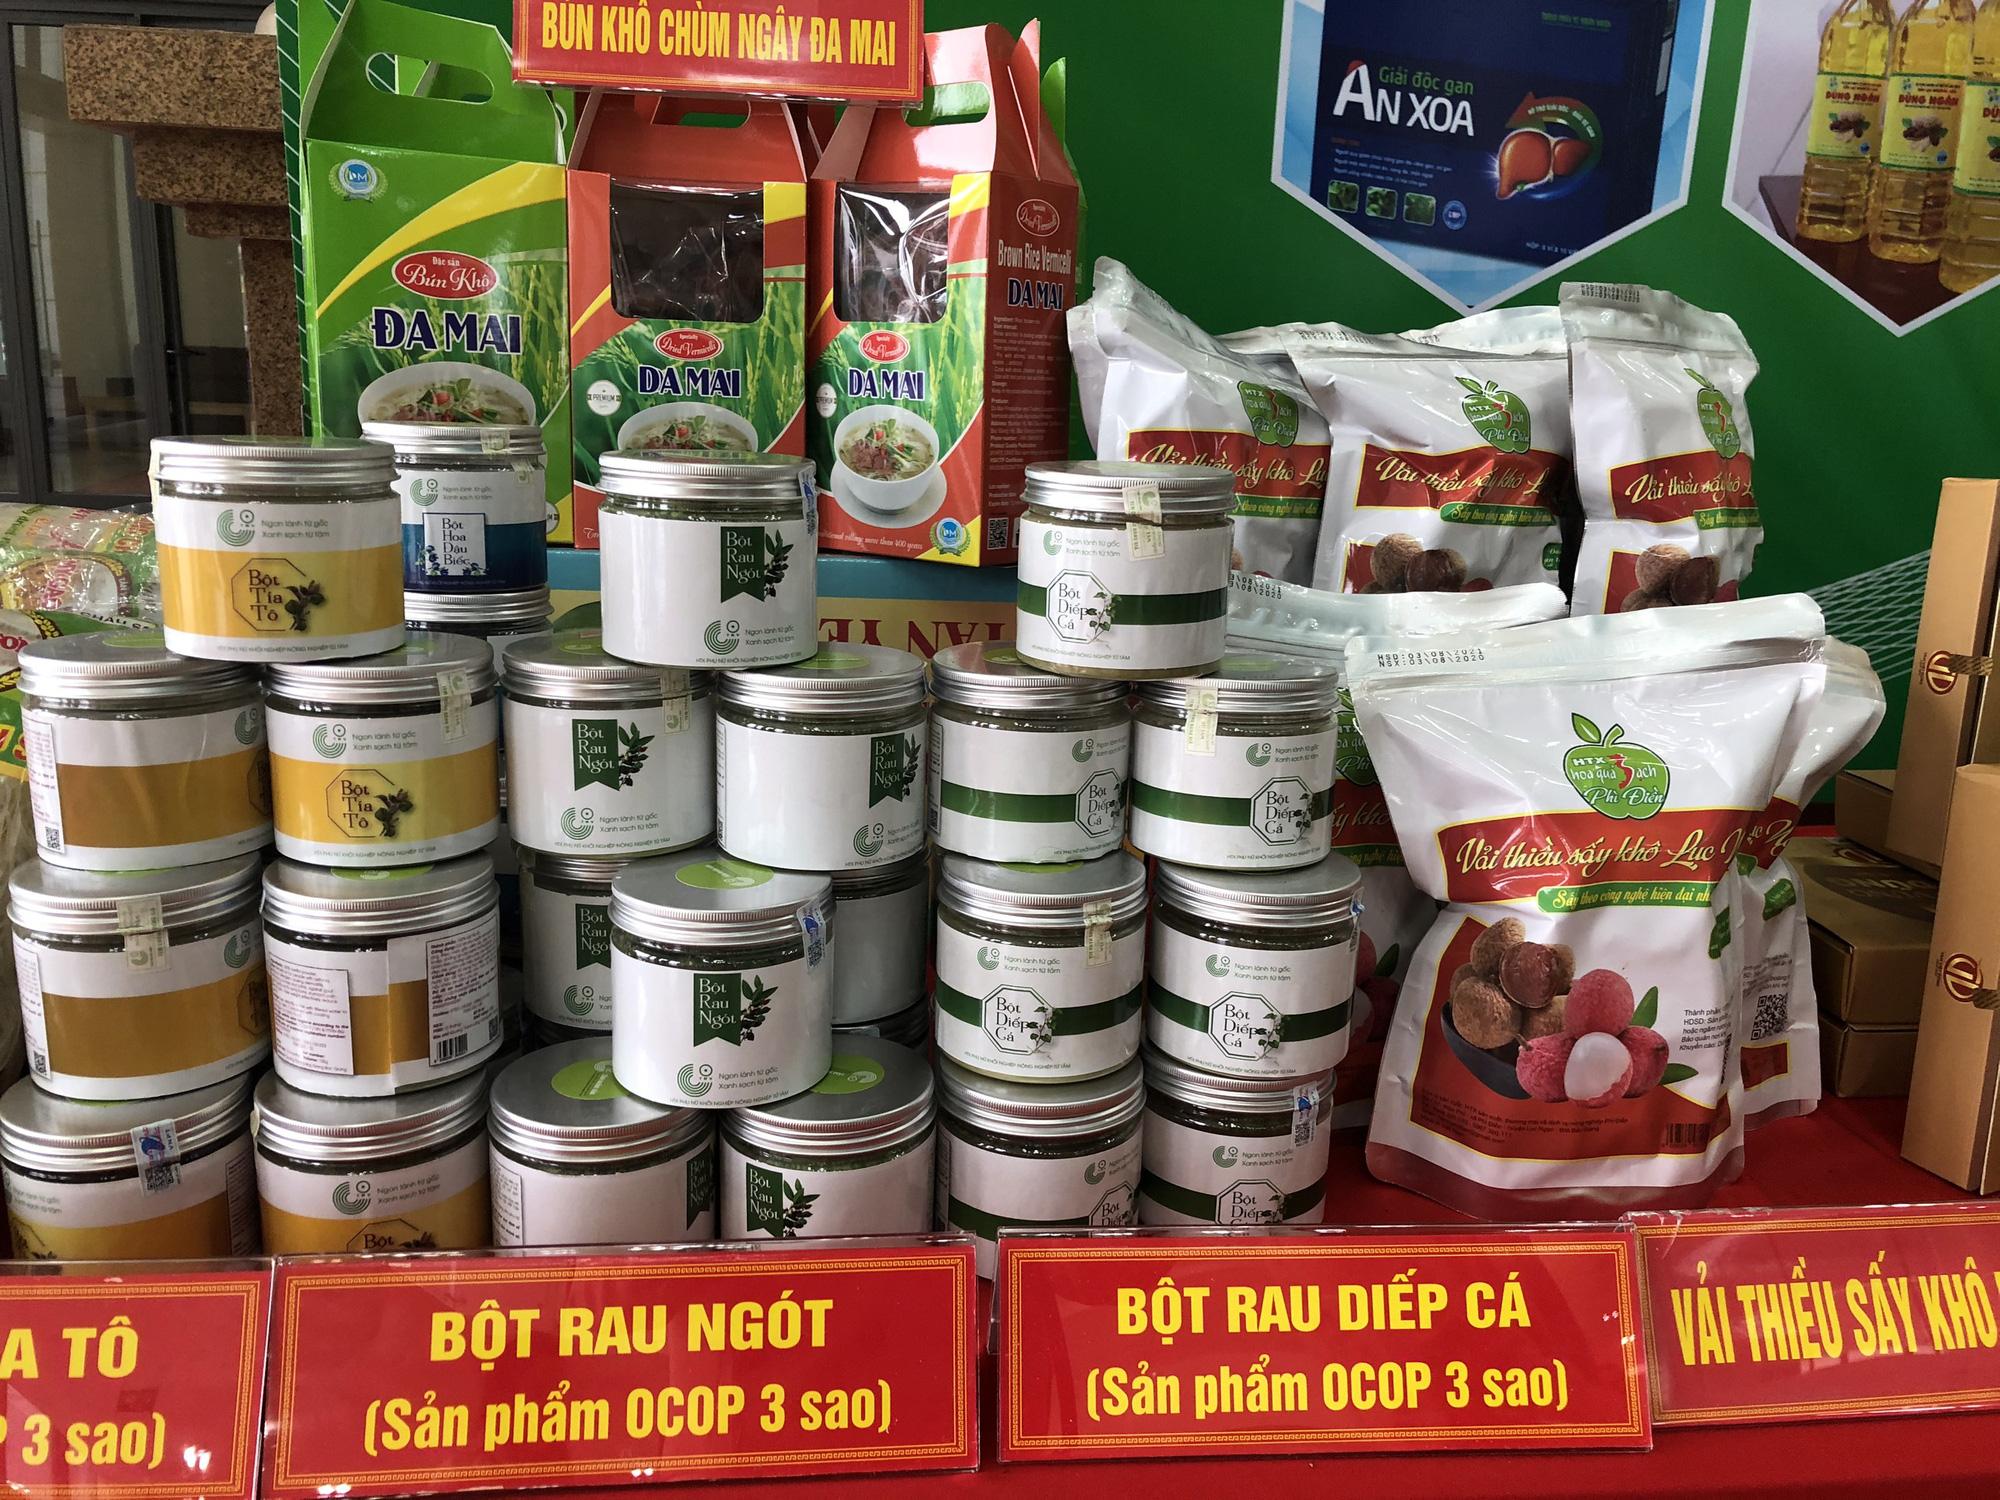 Bắc Giang: Giá trị sản xuất nông nghiệp tăng 6,7%, cao nhất trong 10 năm qua - Ảnh 6.